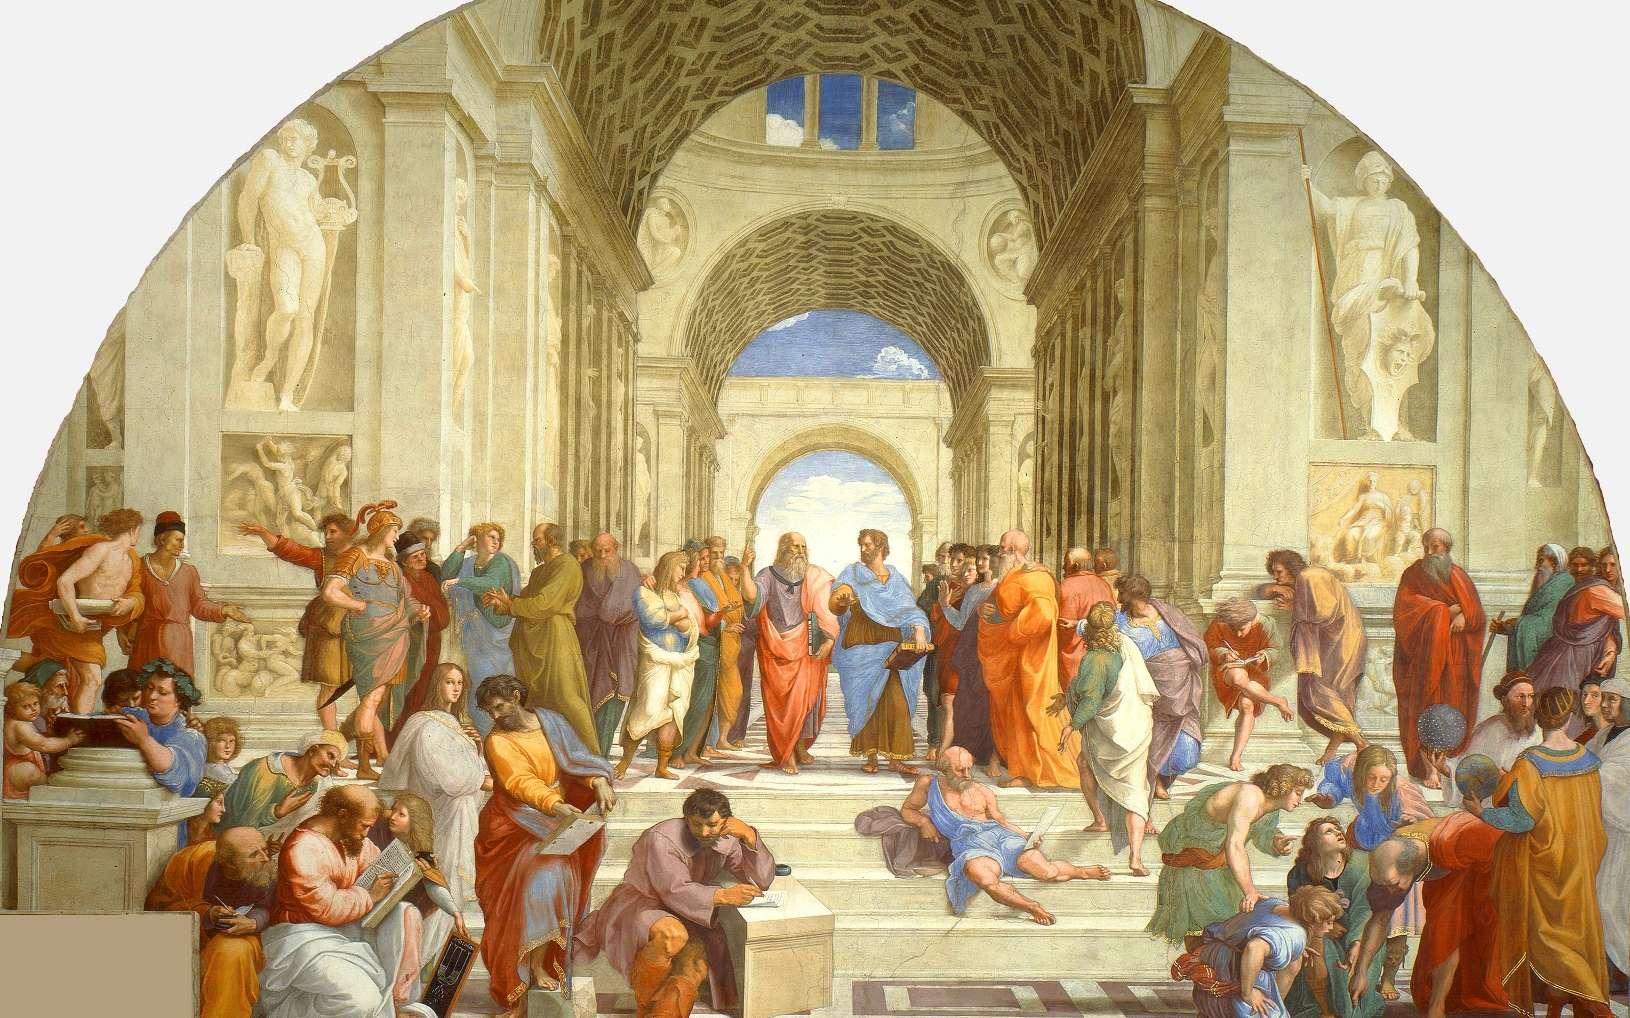 Une vue de la célèbre fresque de Raphaël montrant plusieurs des grands philosophes de l'Antiquité, parfois sous les traits de ses contemporains. Au centre, on voit ainsi Platon tenant son dialogue le Timée mais sous les traits de Léonard de Vinci. © DP